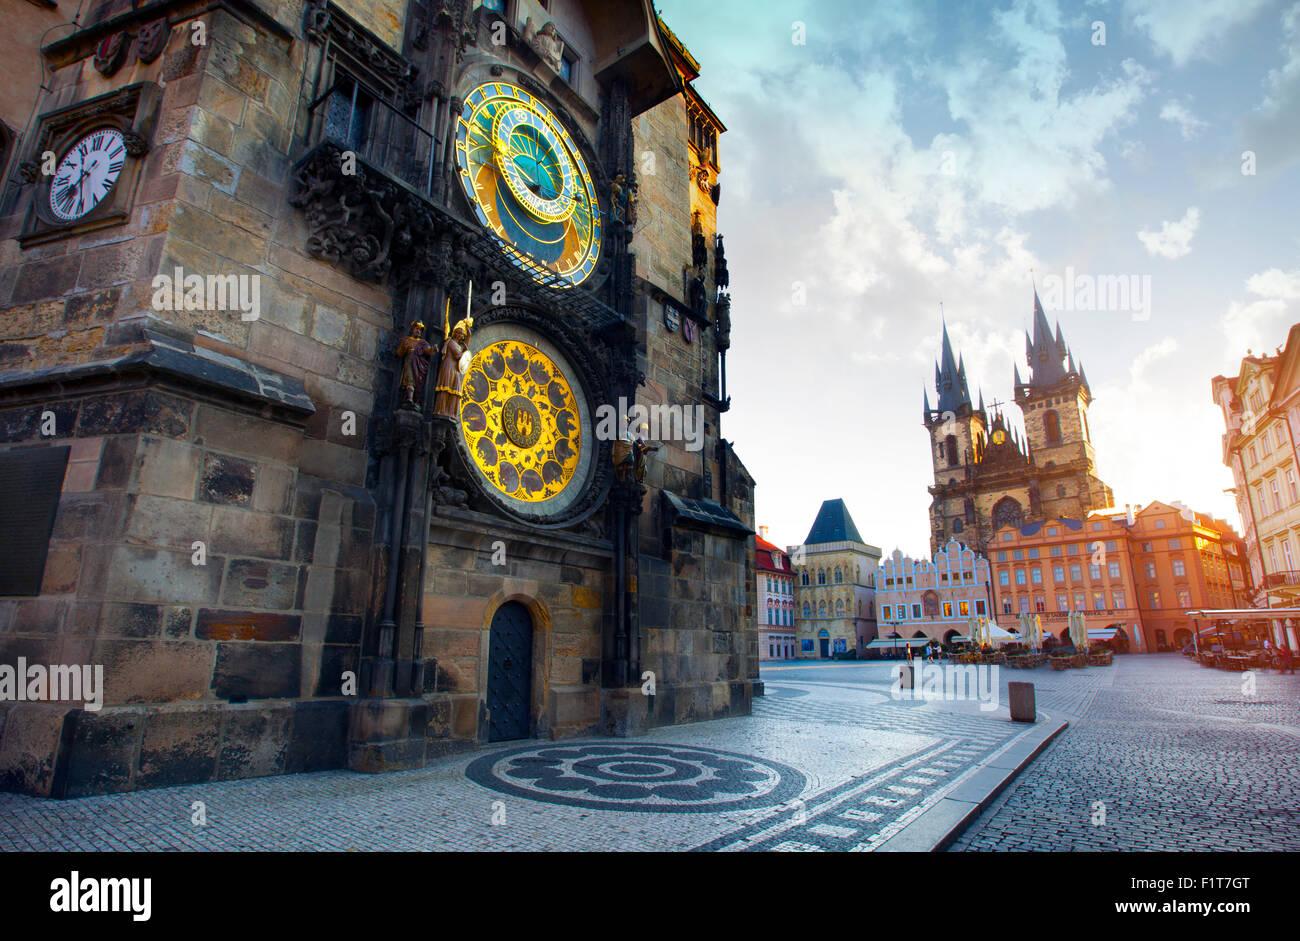 La Piazza della Città Vecchia di Praga, Repubblica Ceca Immagini Stock